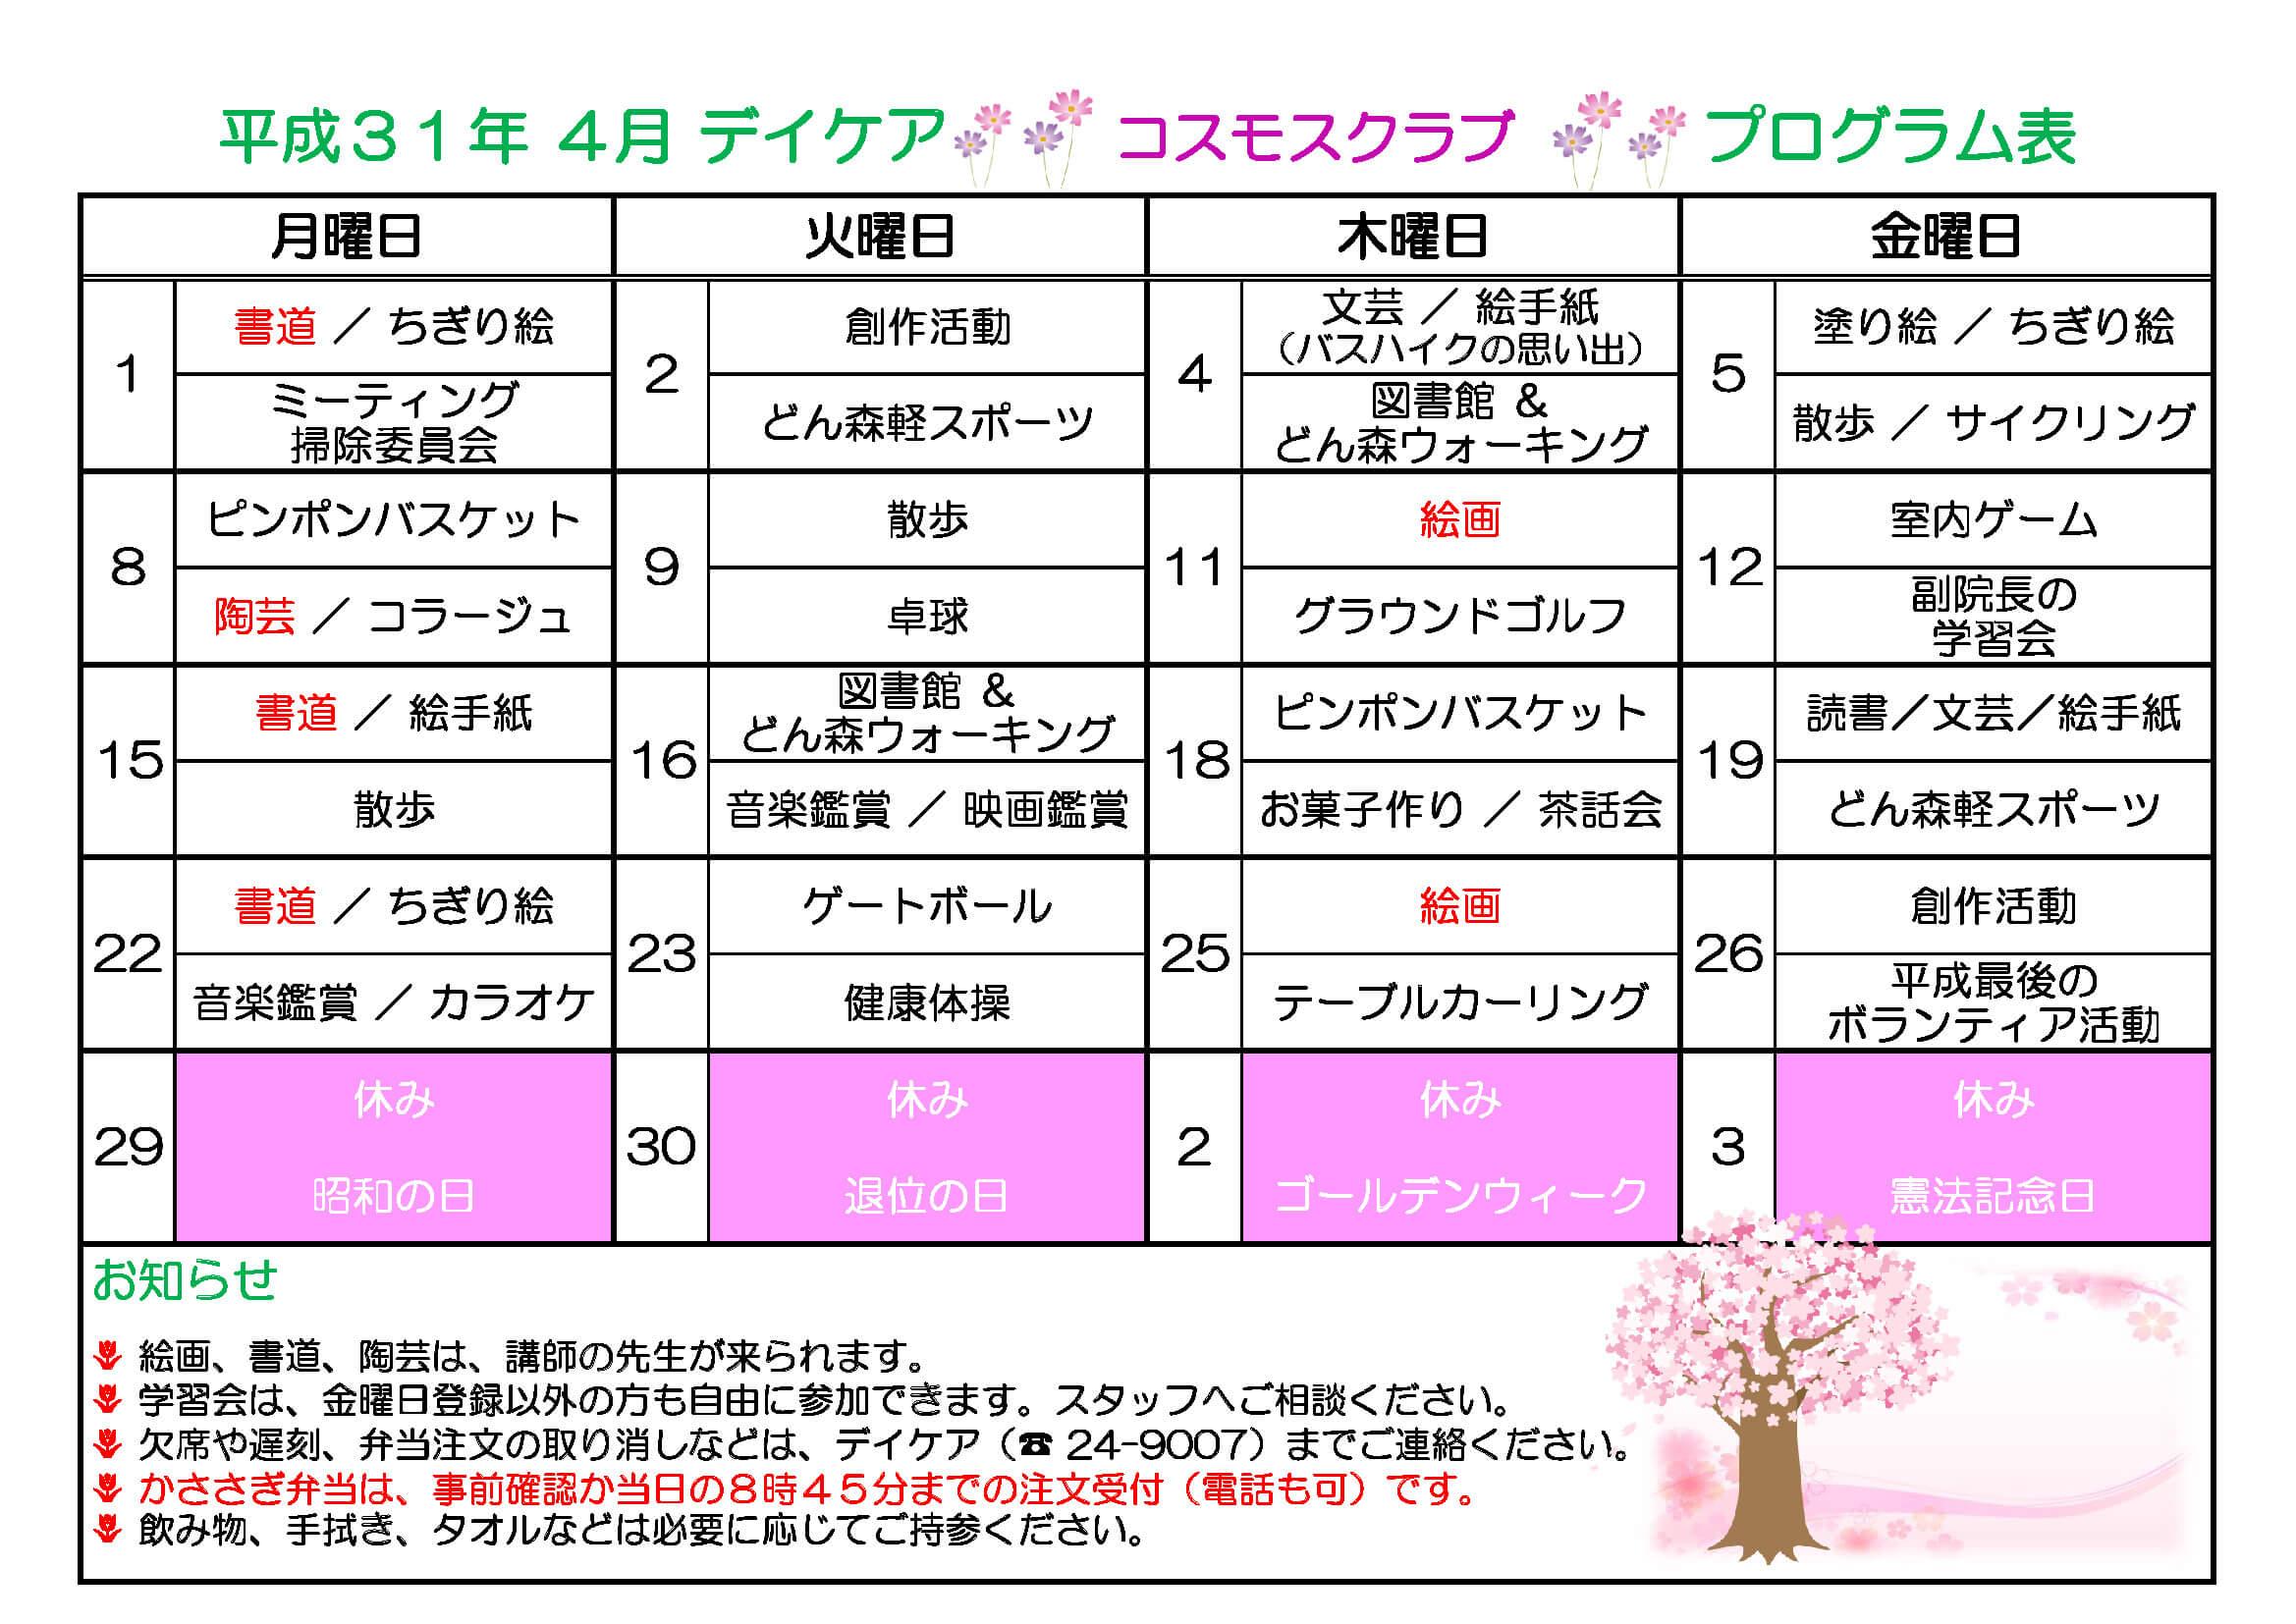 2019年4月プログラム表